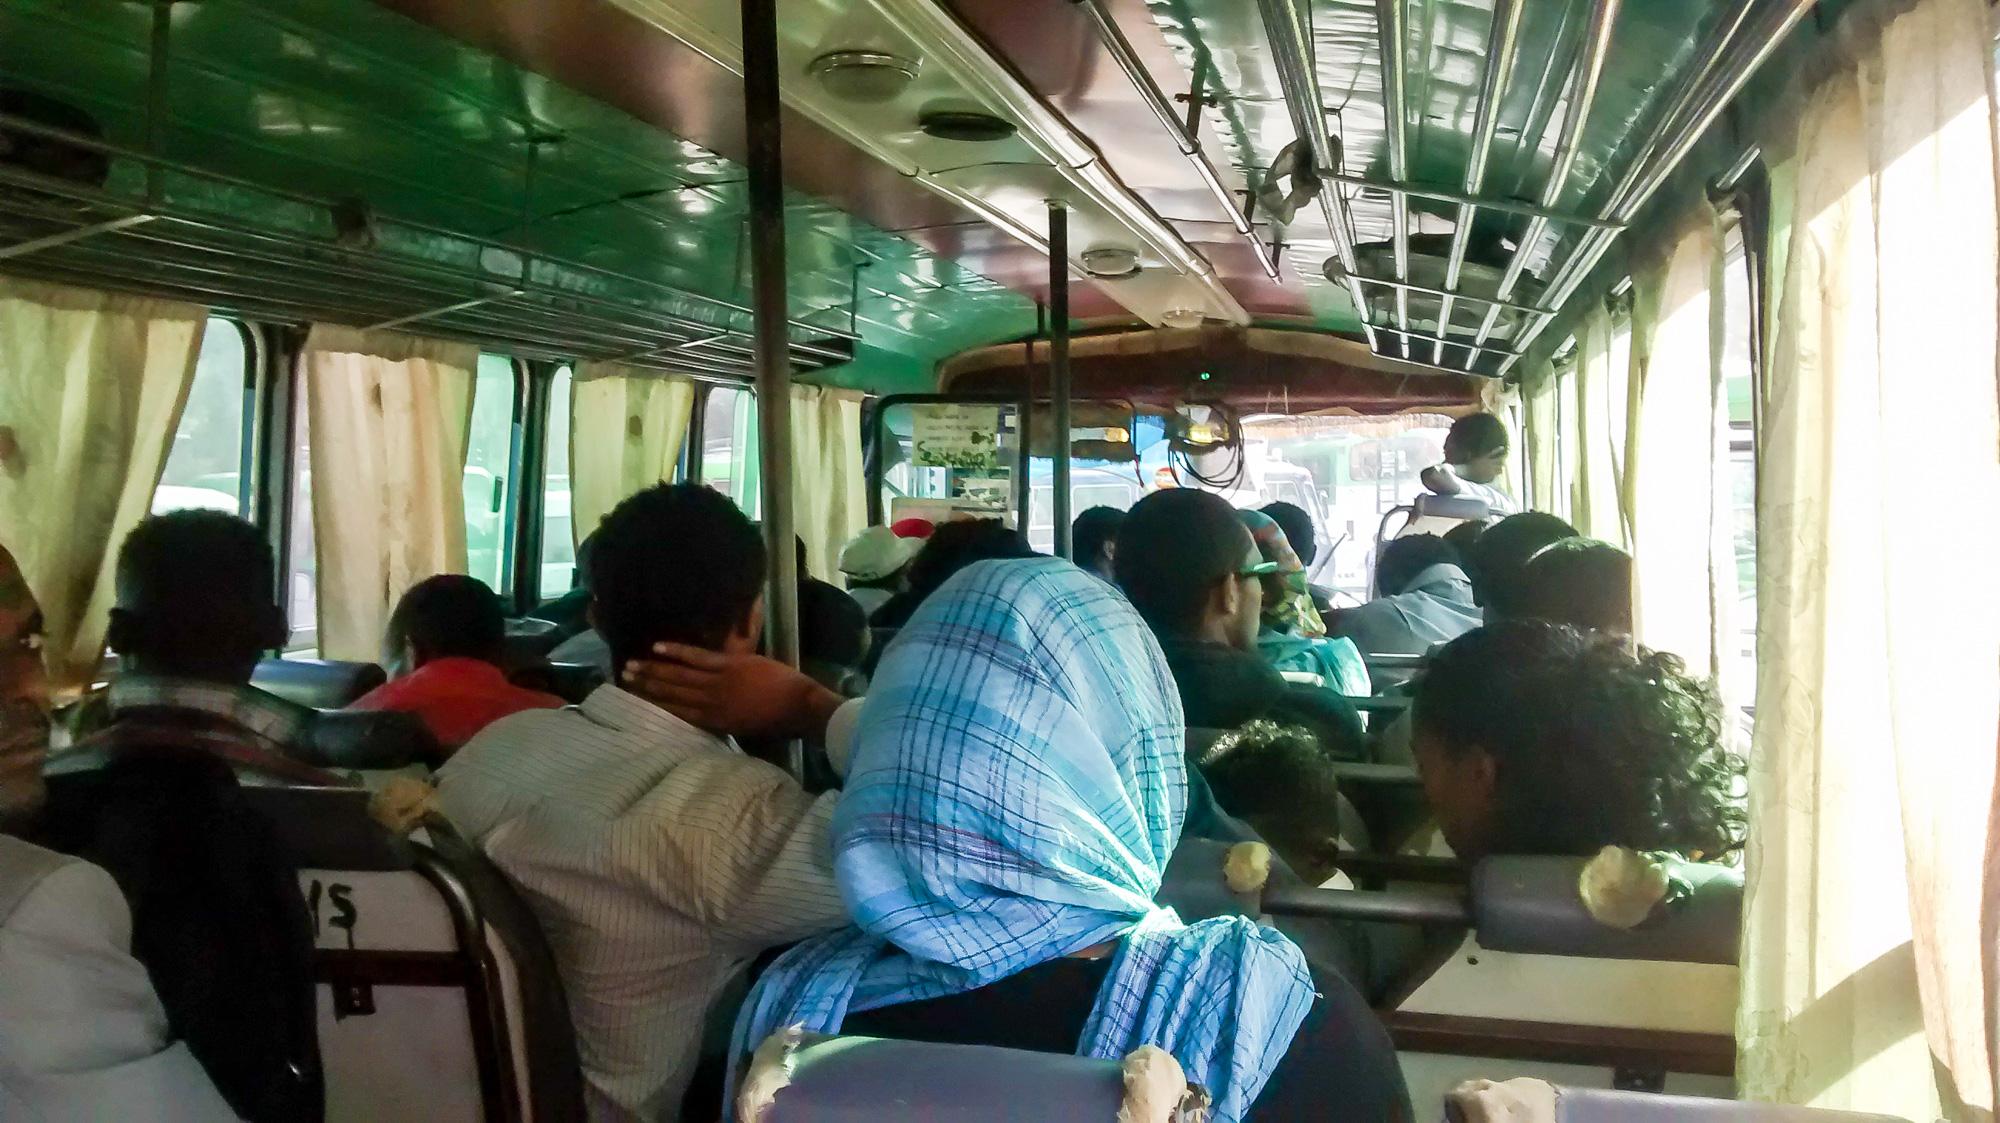 In de bus, zes uur reistijd met vertrek om 5:30 in de ochtend.